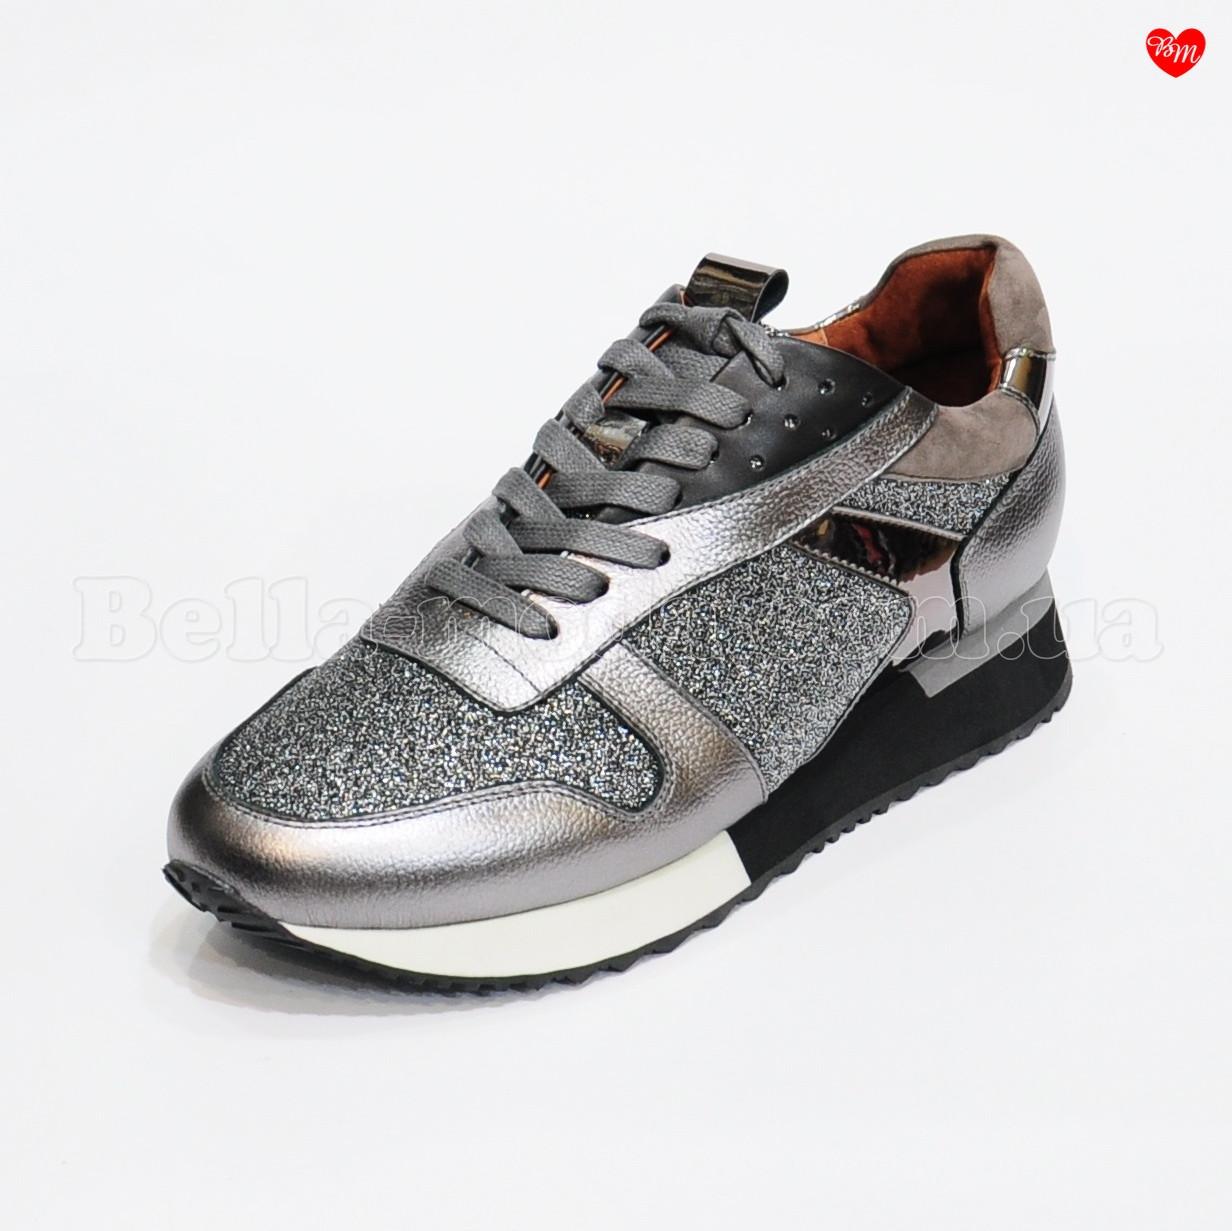 fced14ccc249 Женские серебристые кроссовки с вставками - интернет-магазин